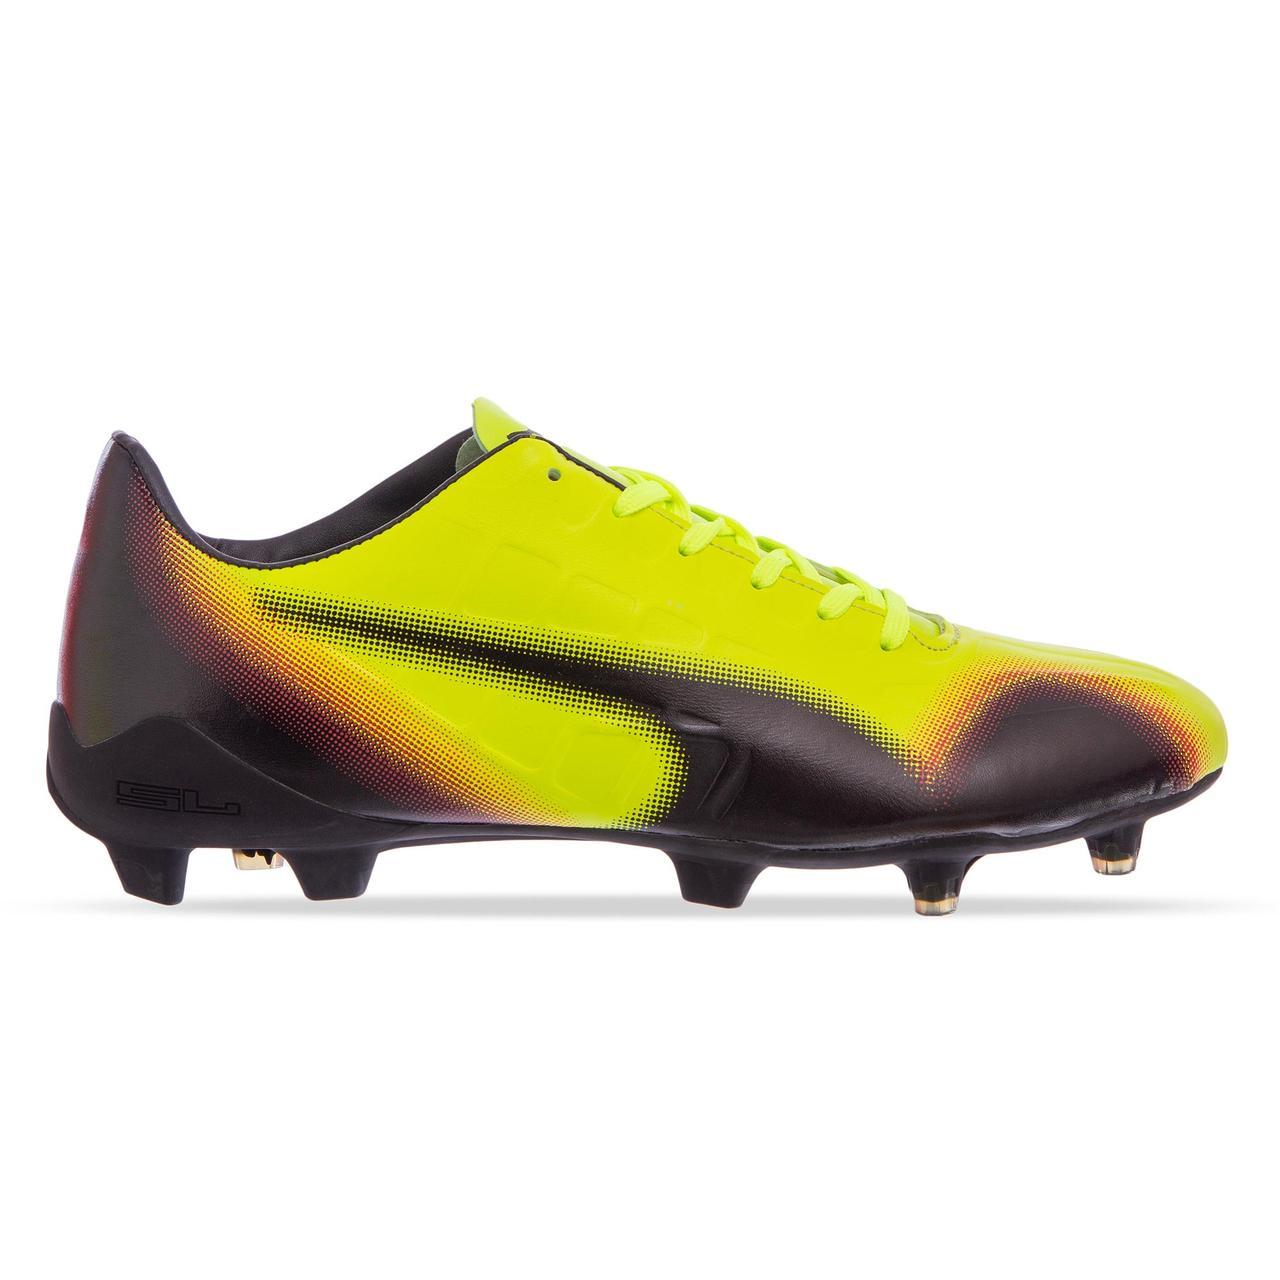 Бутсы футбольная обувь PM 973-1 размер 40-45 лимонный-черный